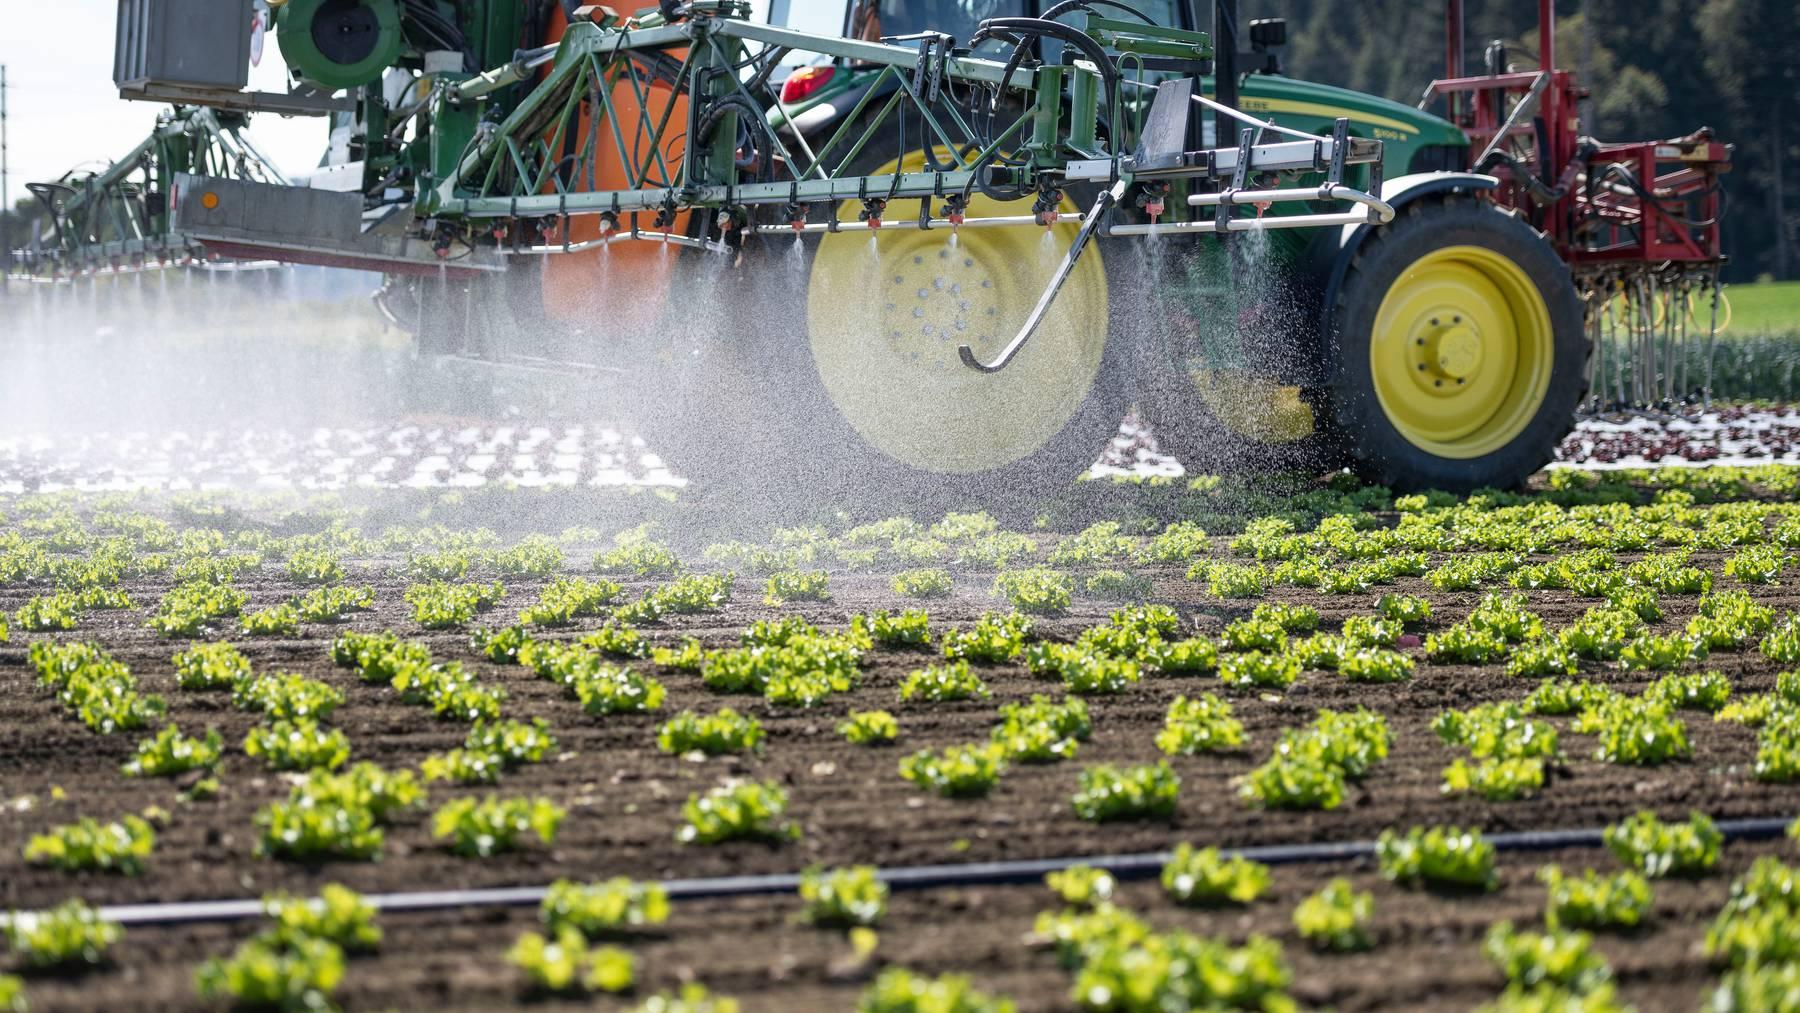 Die Zukunft der Schweizer Landwirtschaft – und dabei insbesondere der Einsatz von Pestiziden – spaltet die Politik. (Symbolbild)